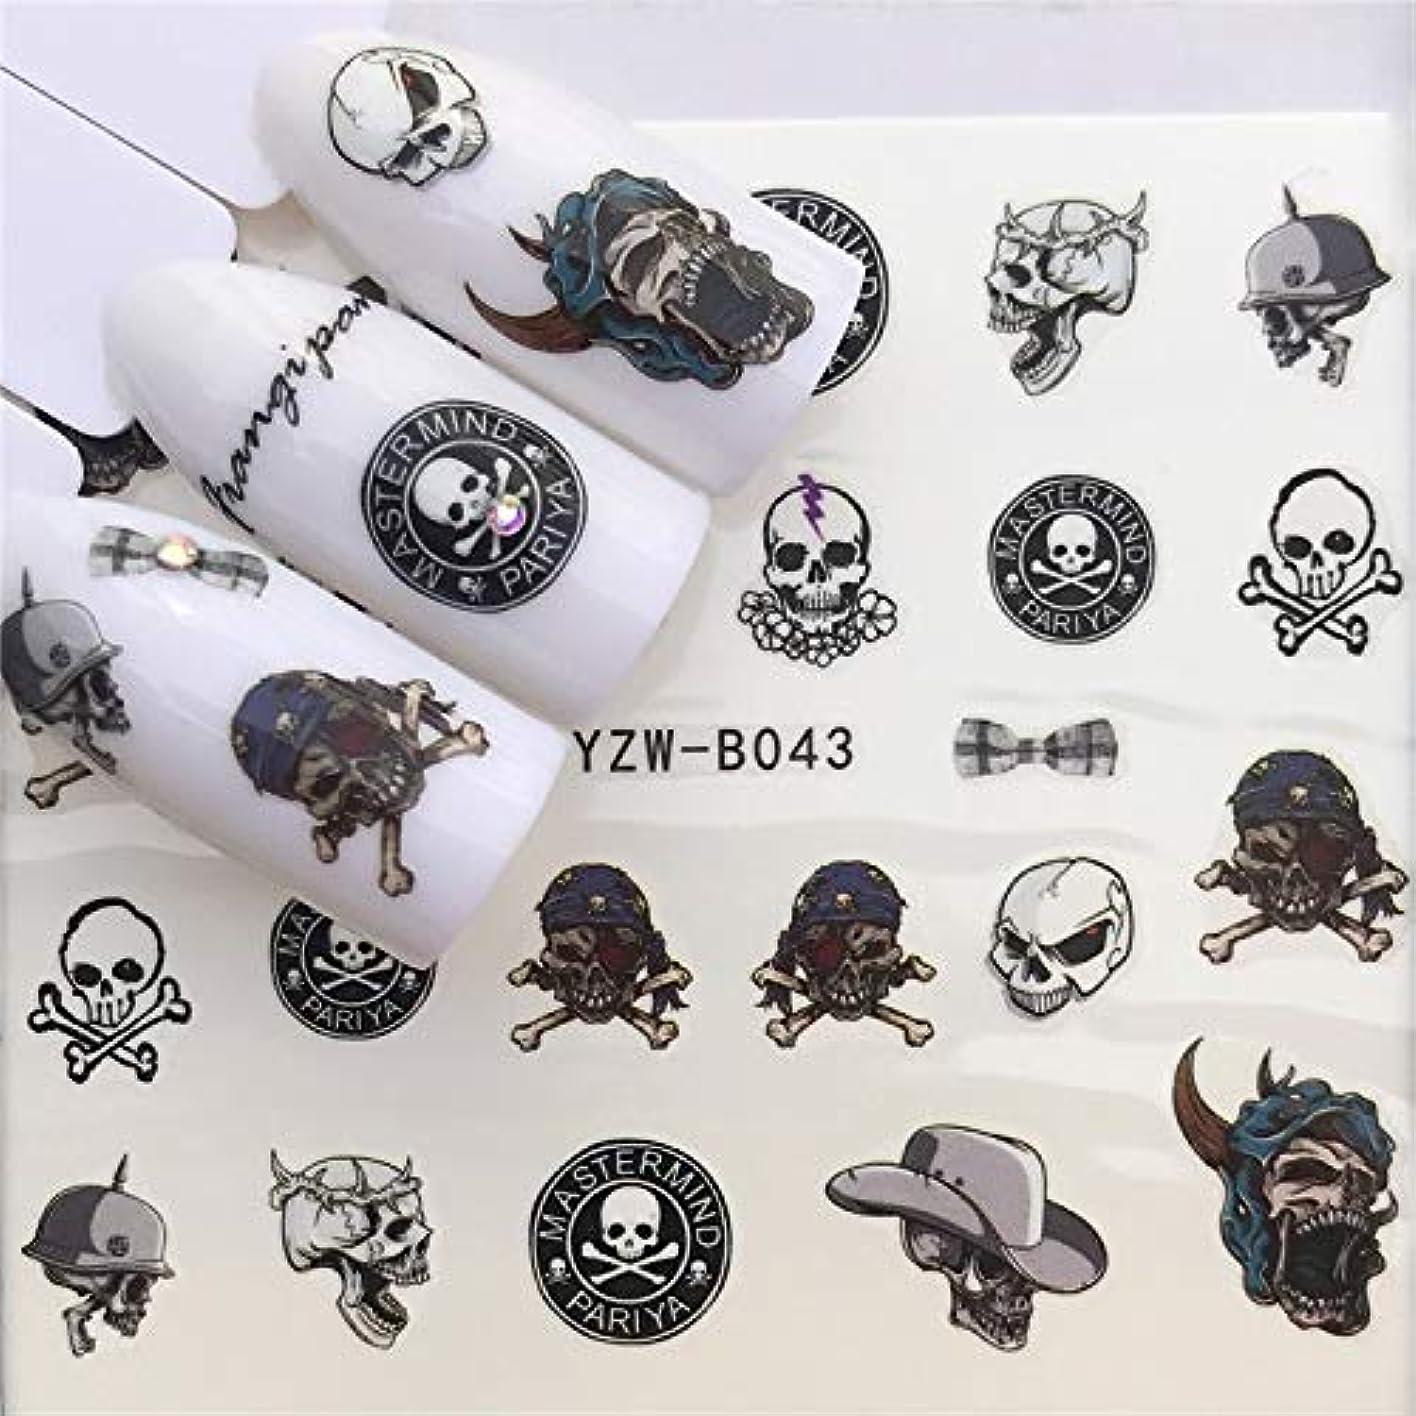 間接的小売祝うFlysea ネイルステッカー3 PCSネイルステッカーセットデカール水スライダーネイルズアート装飾、色転送:YZWB043を